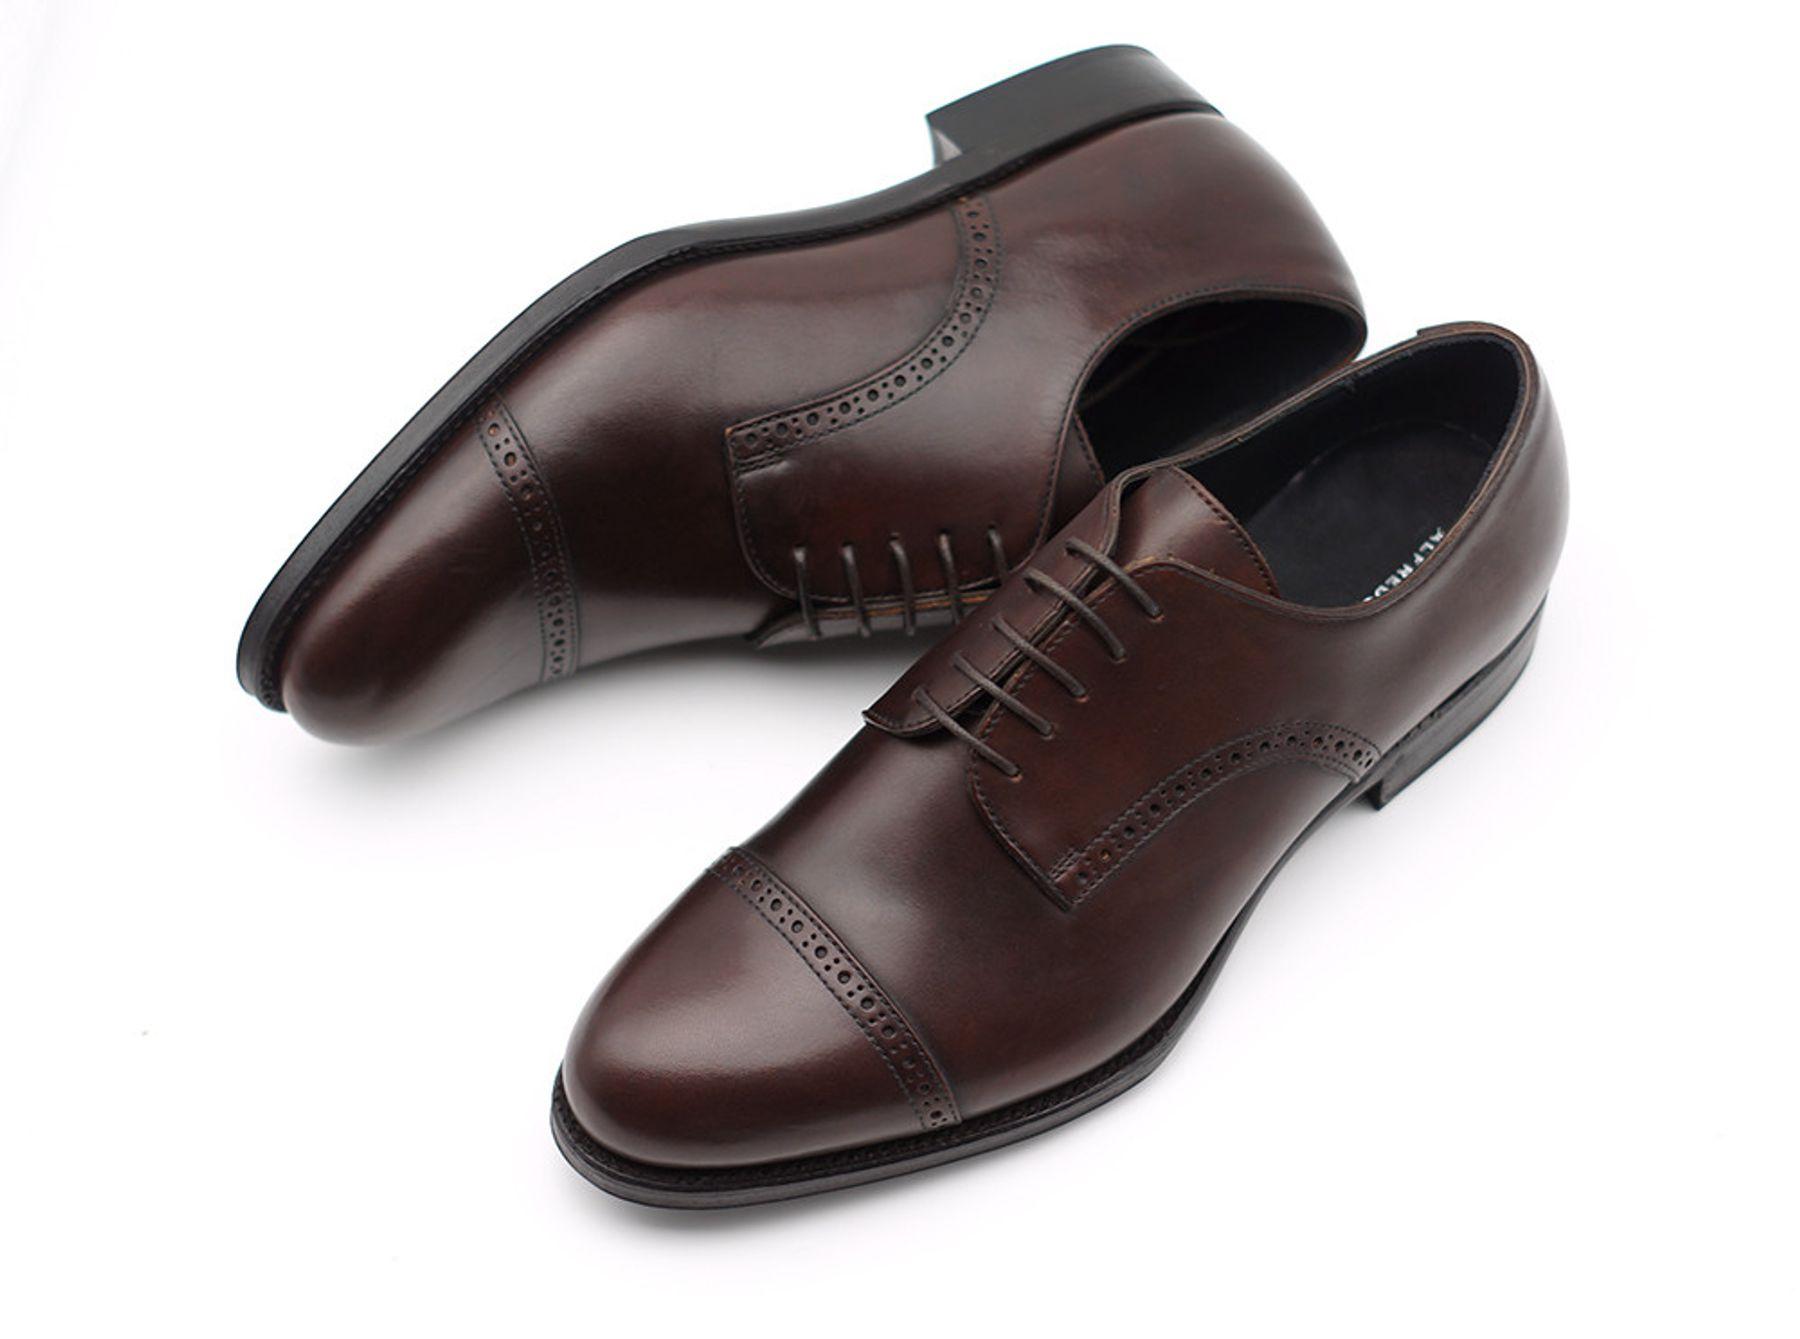 Tặng giày da cho bạn trai